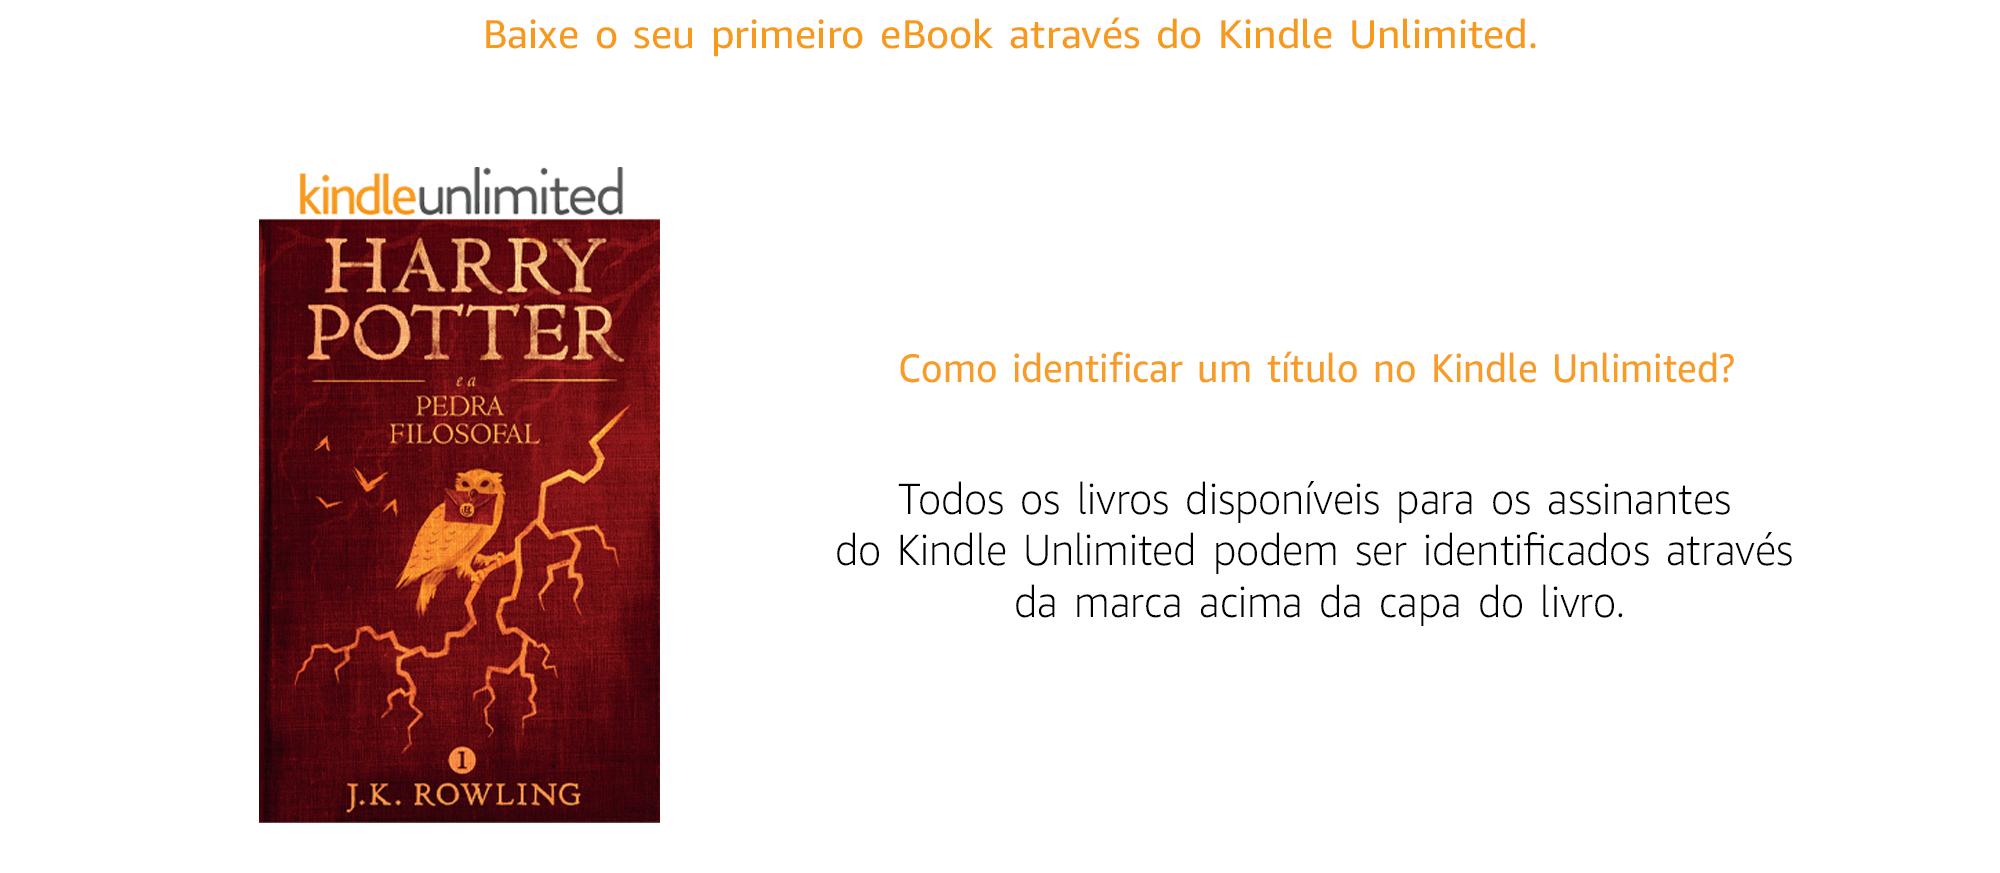 Todos os títulos disponíveis pra os assinantes do Kindle Unlimited podem ser identificados através da marca acima da capa do livro.